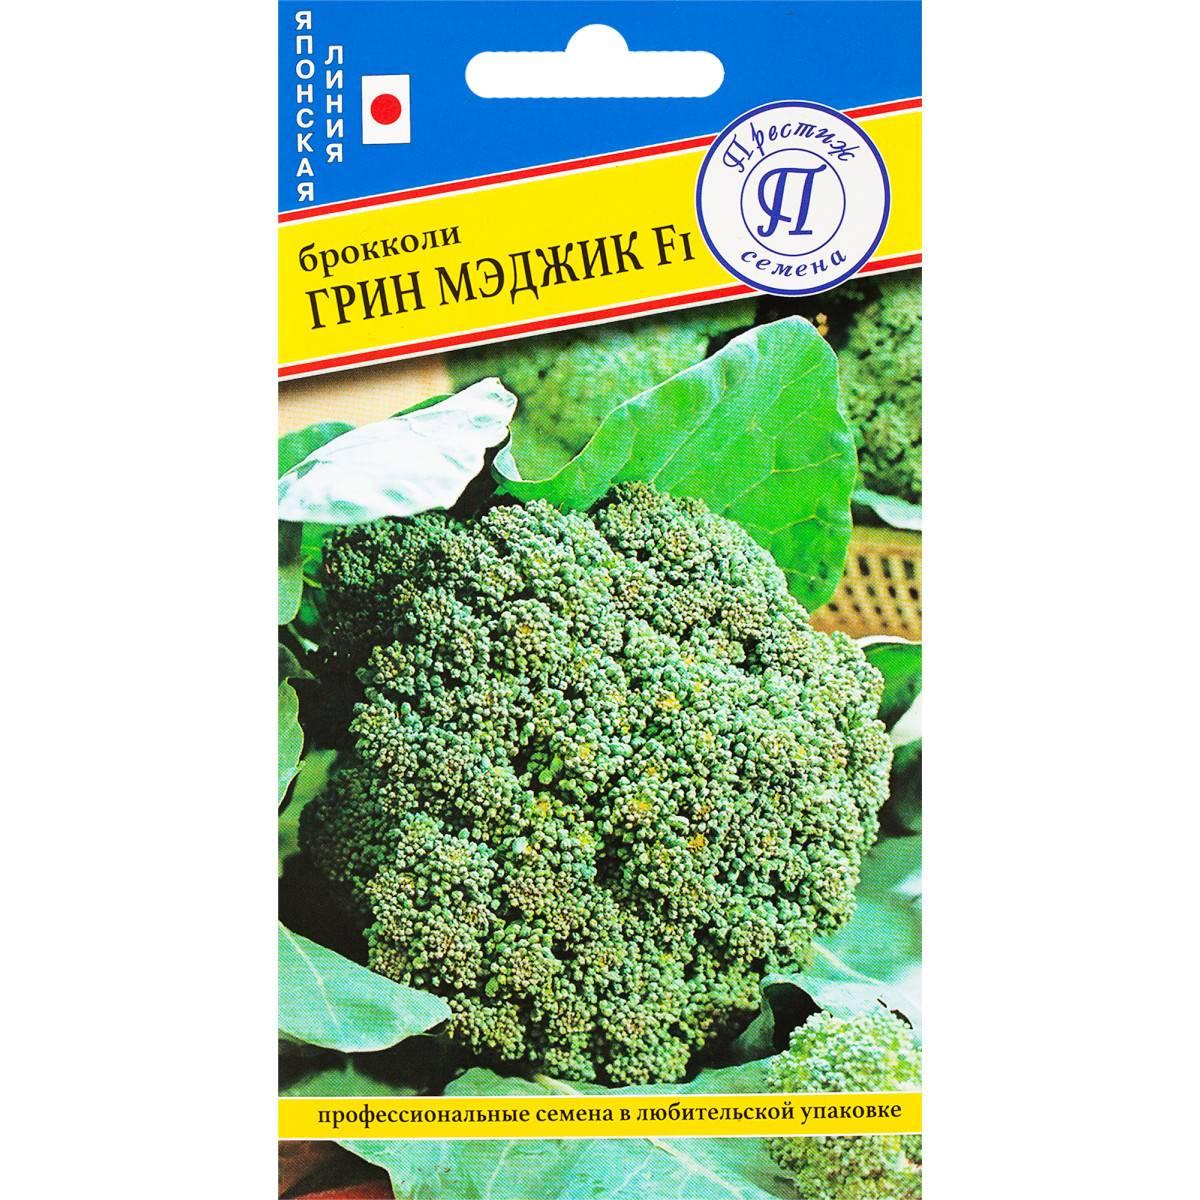 Капуста брокколи грин мэджик f1: отзывы о выращивании, описание сорта и агротехника, фото семян престиж и партнер